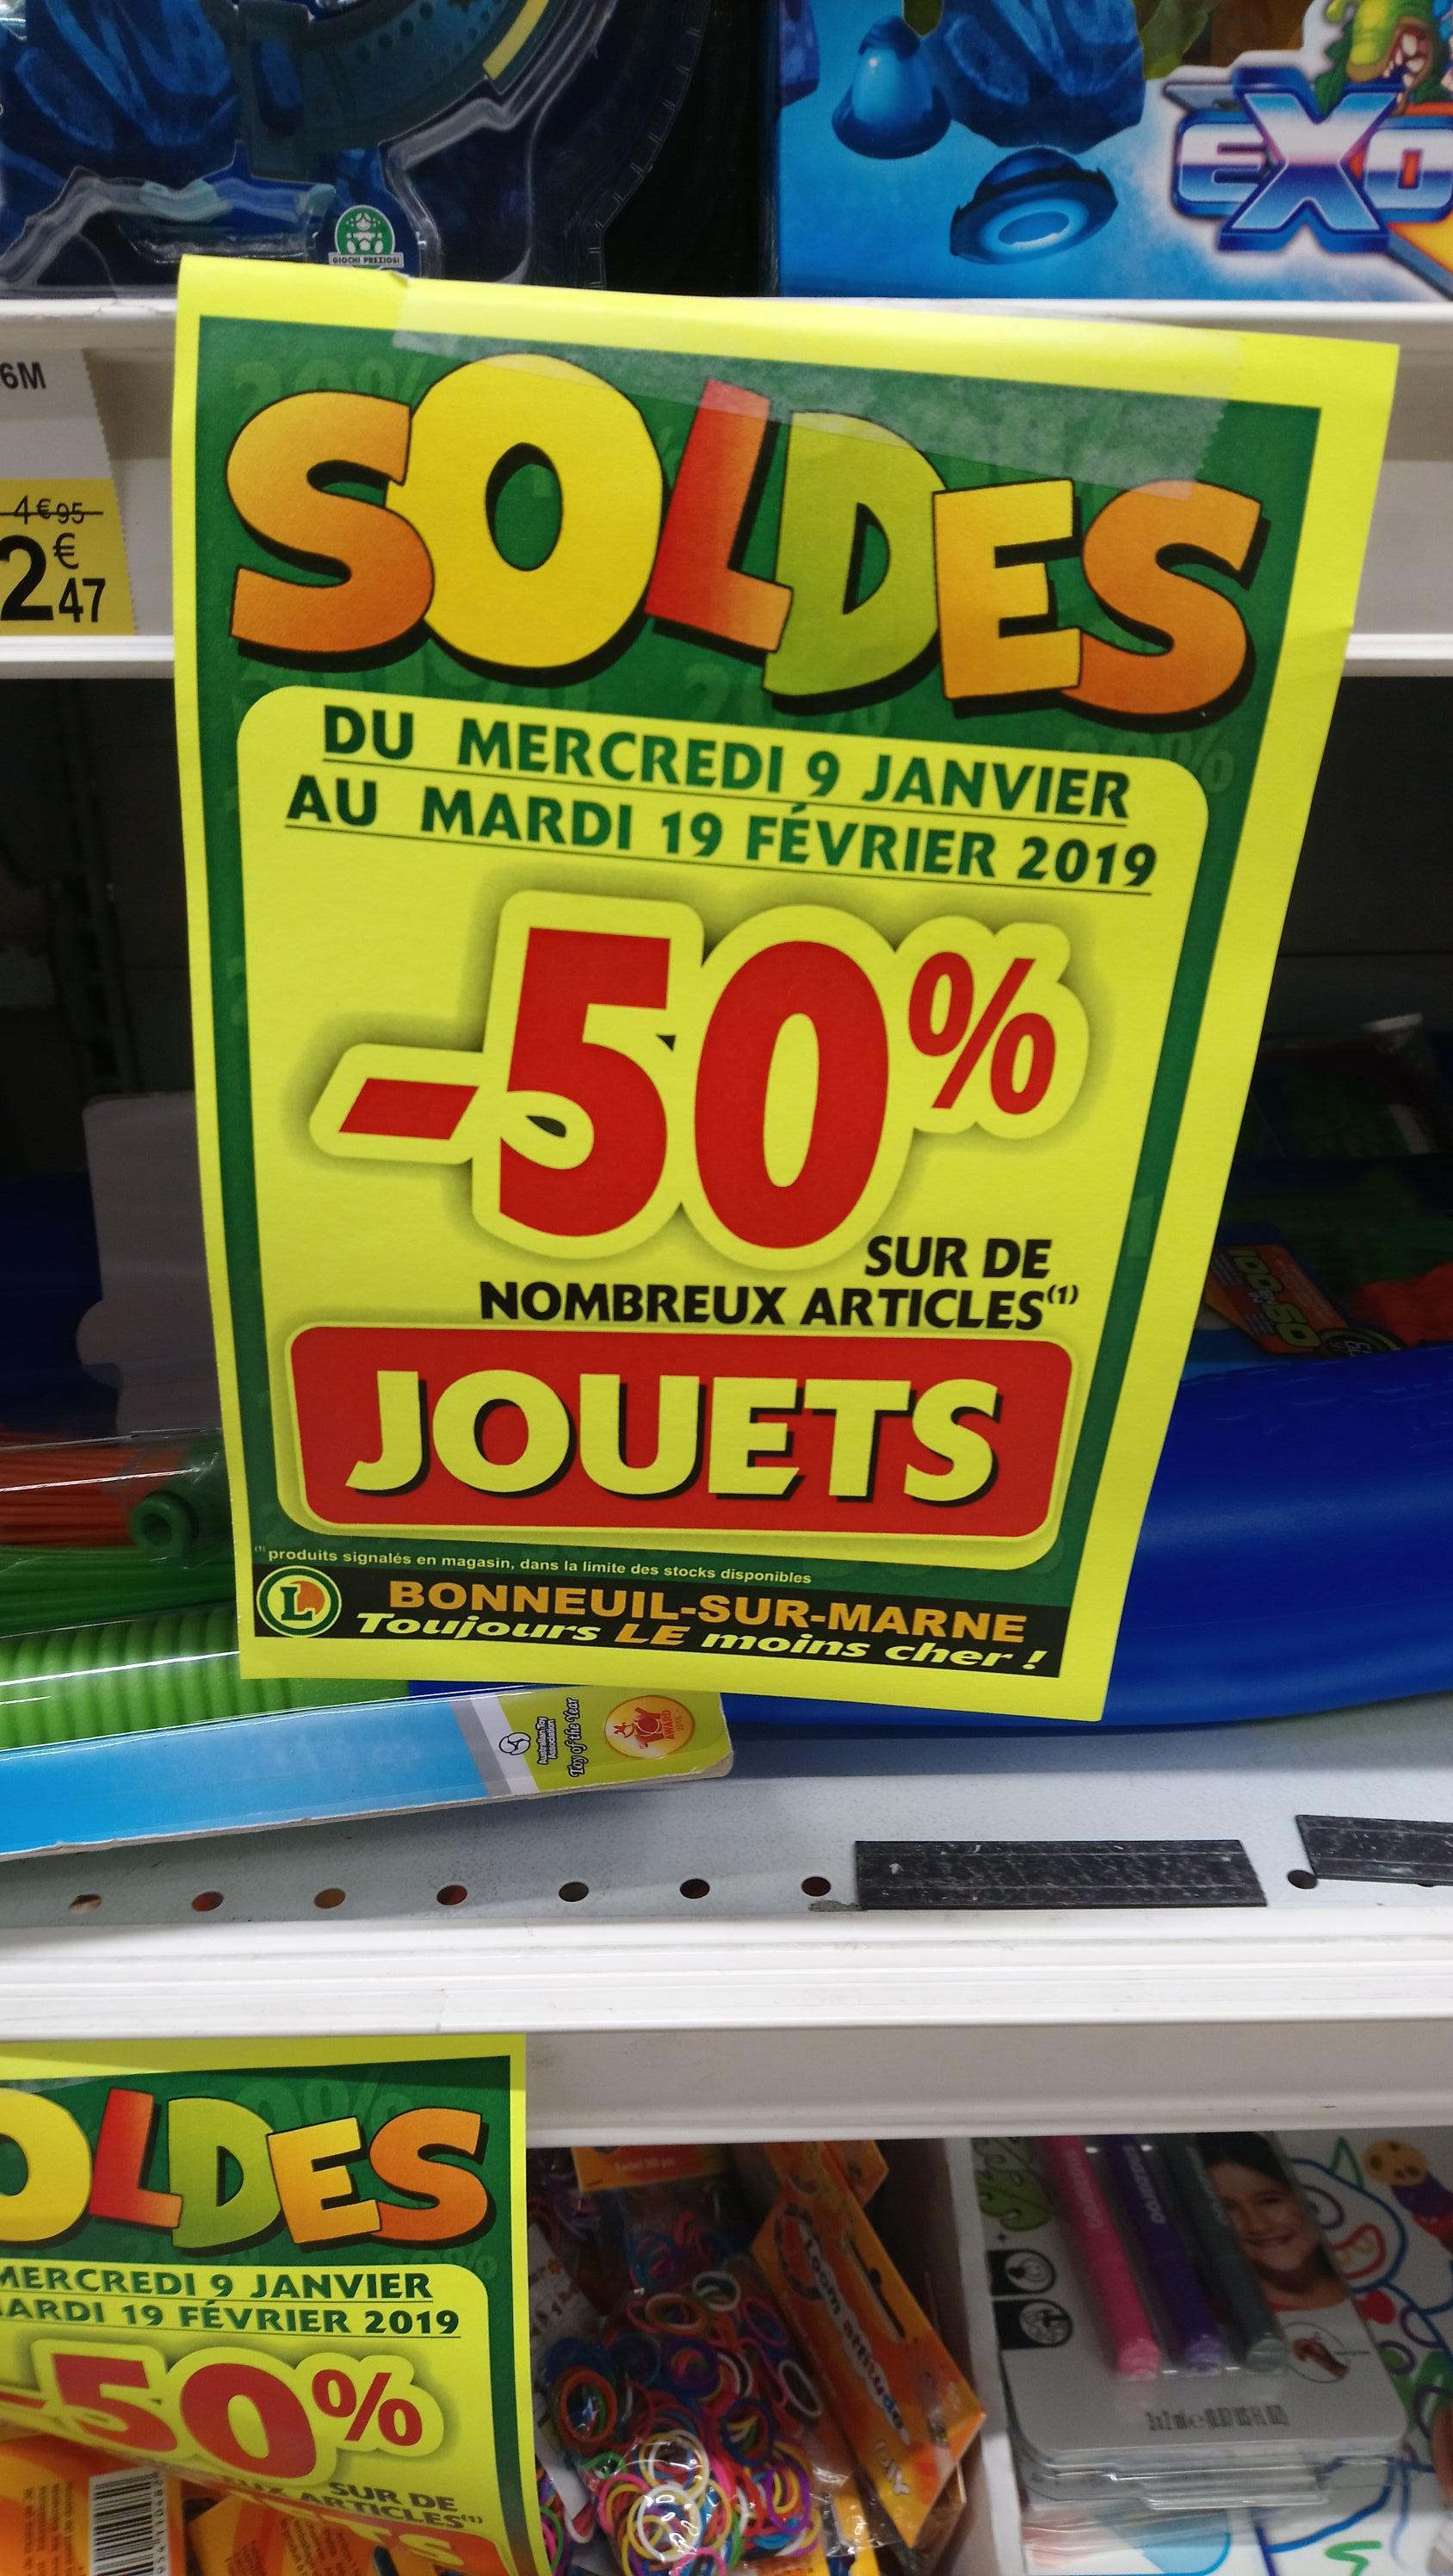 50% de réduction sur une sélection de jouets - Bonneuil (94)